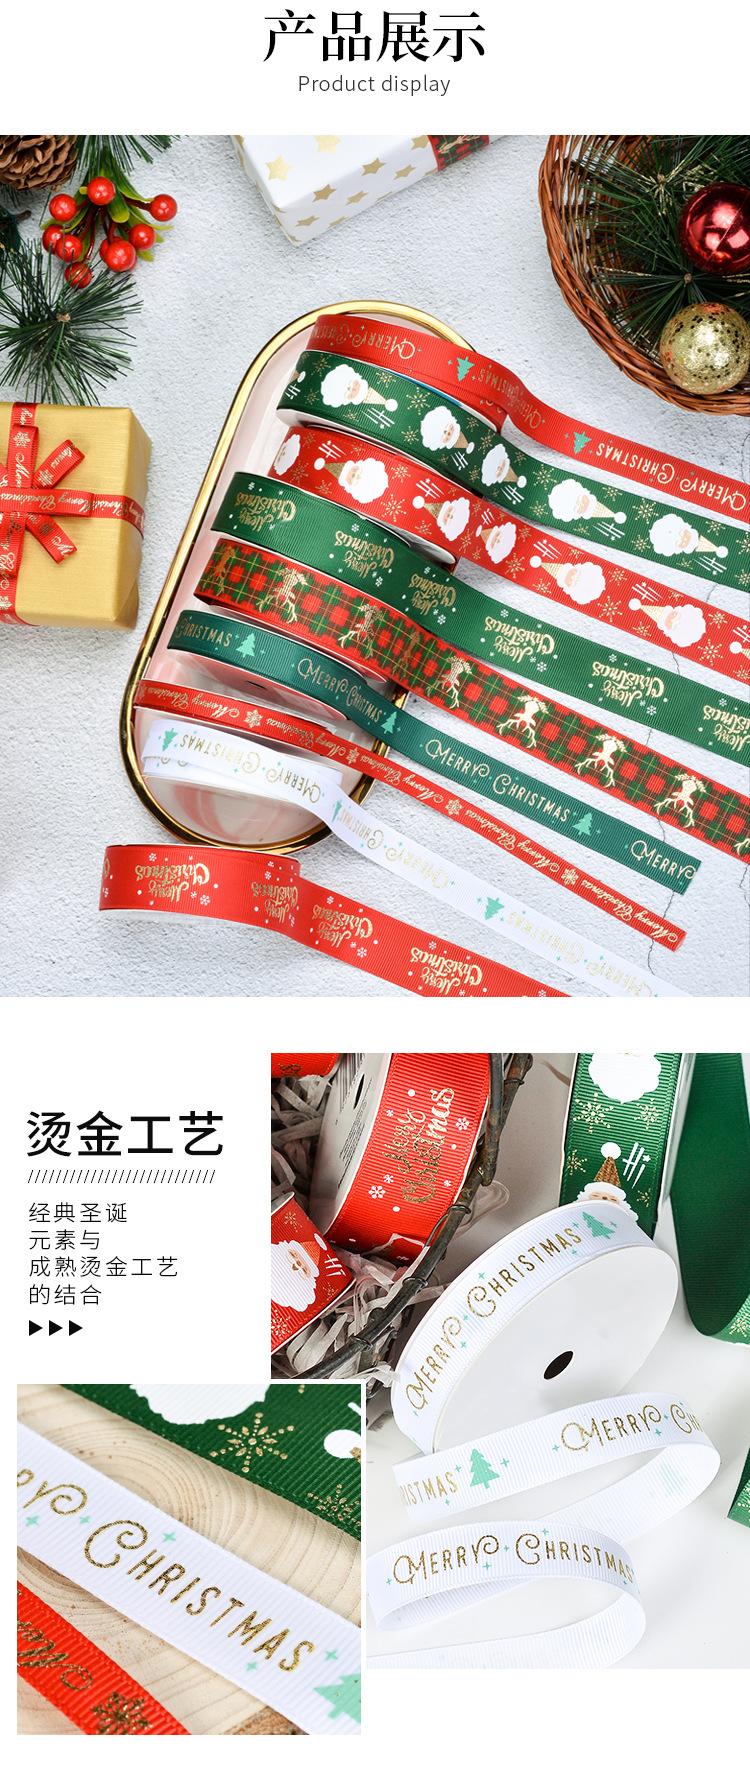 19年圣诞新品_05